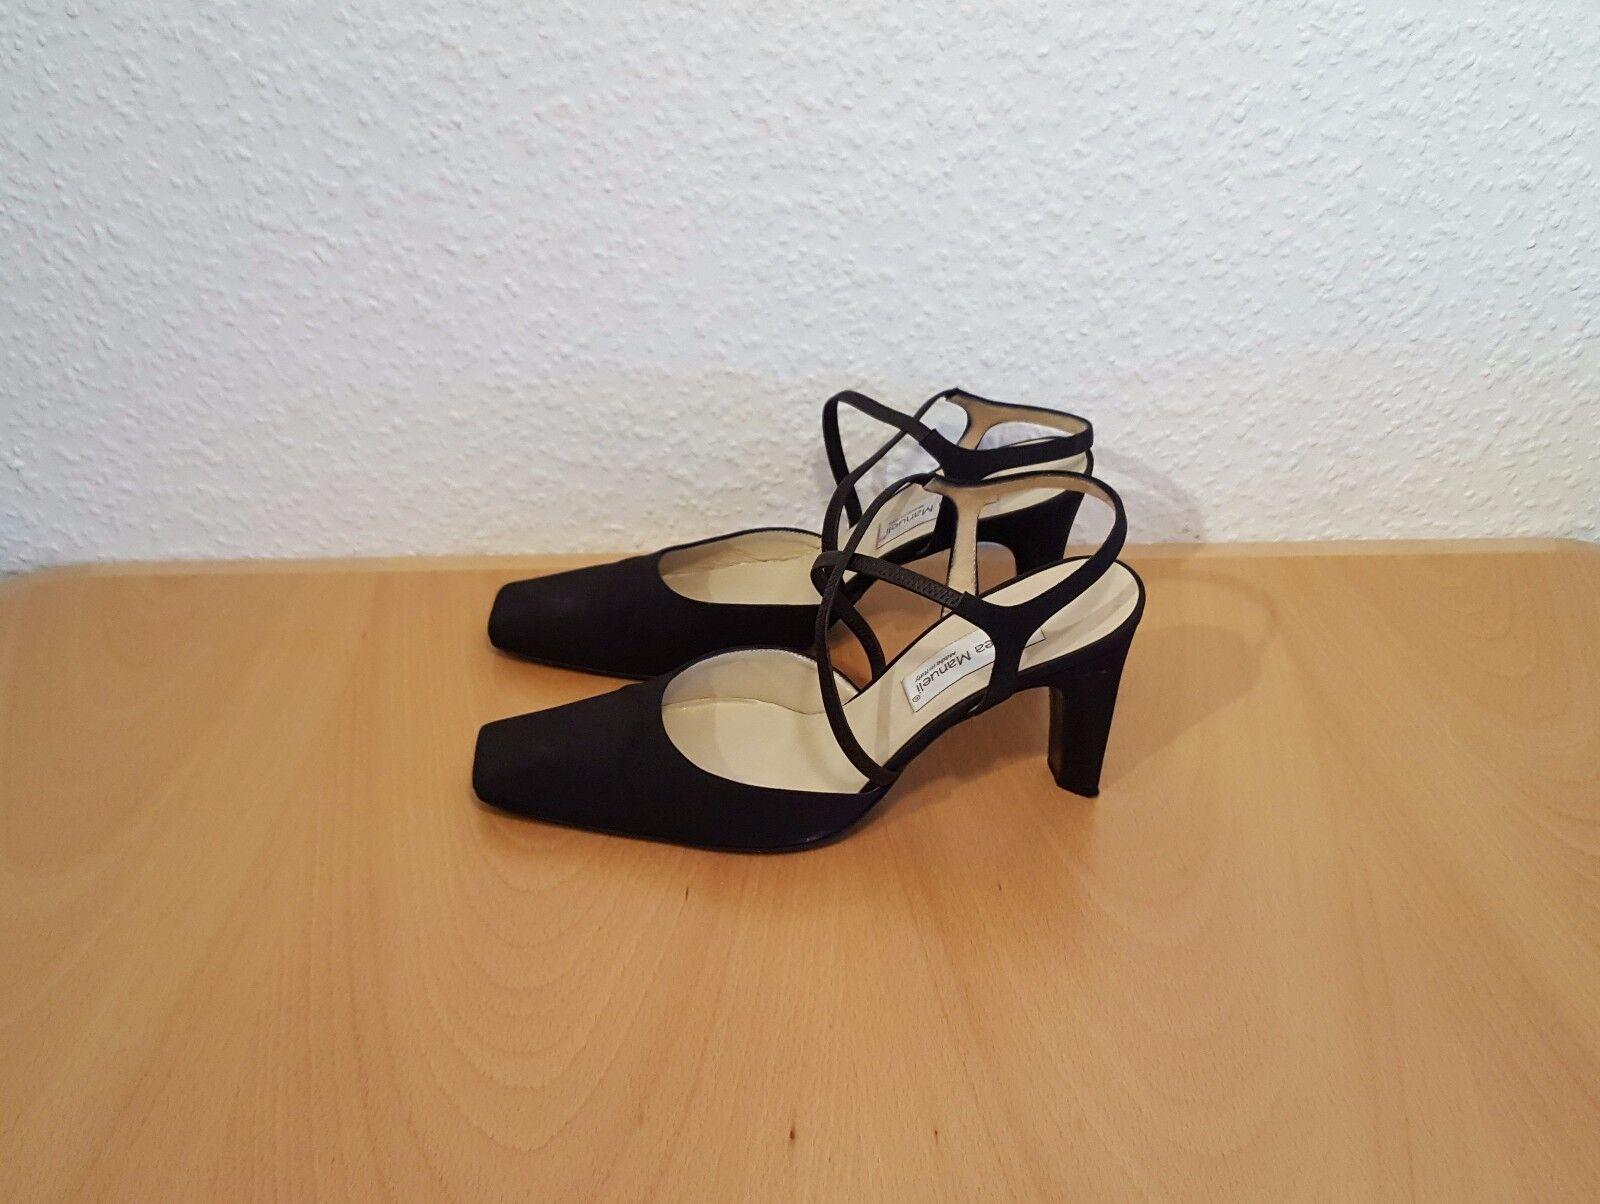 Andrea Manuelli High Heels Pumps Damenschuhe Damenschuhe Damenschuhe Fersenriemchen Gr. 39 - 9cm Absätze 3bd35e